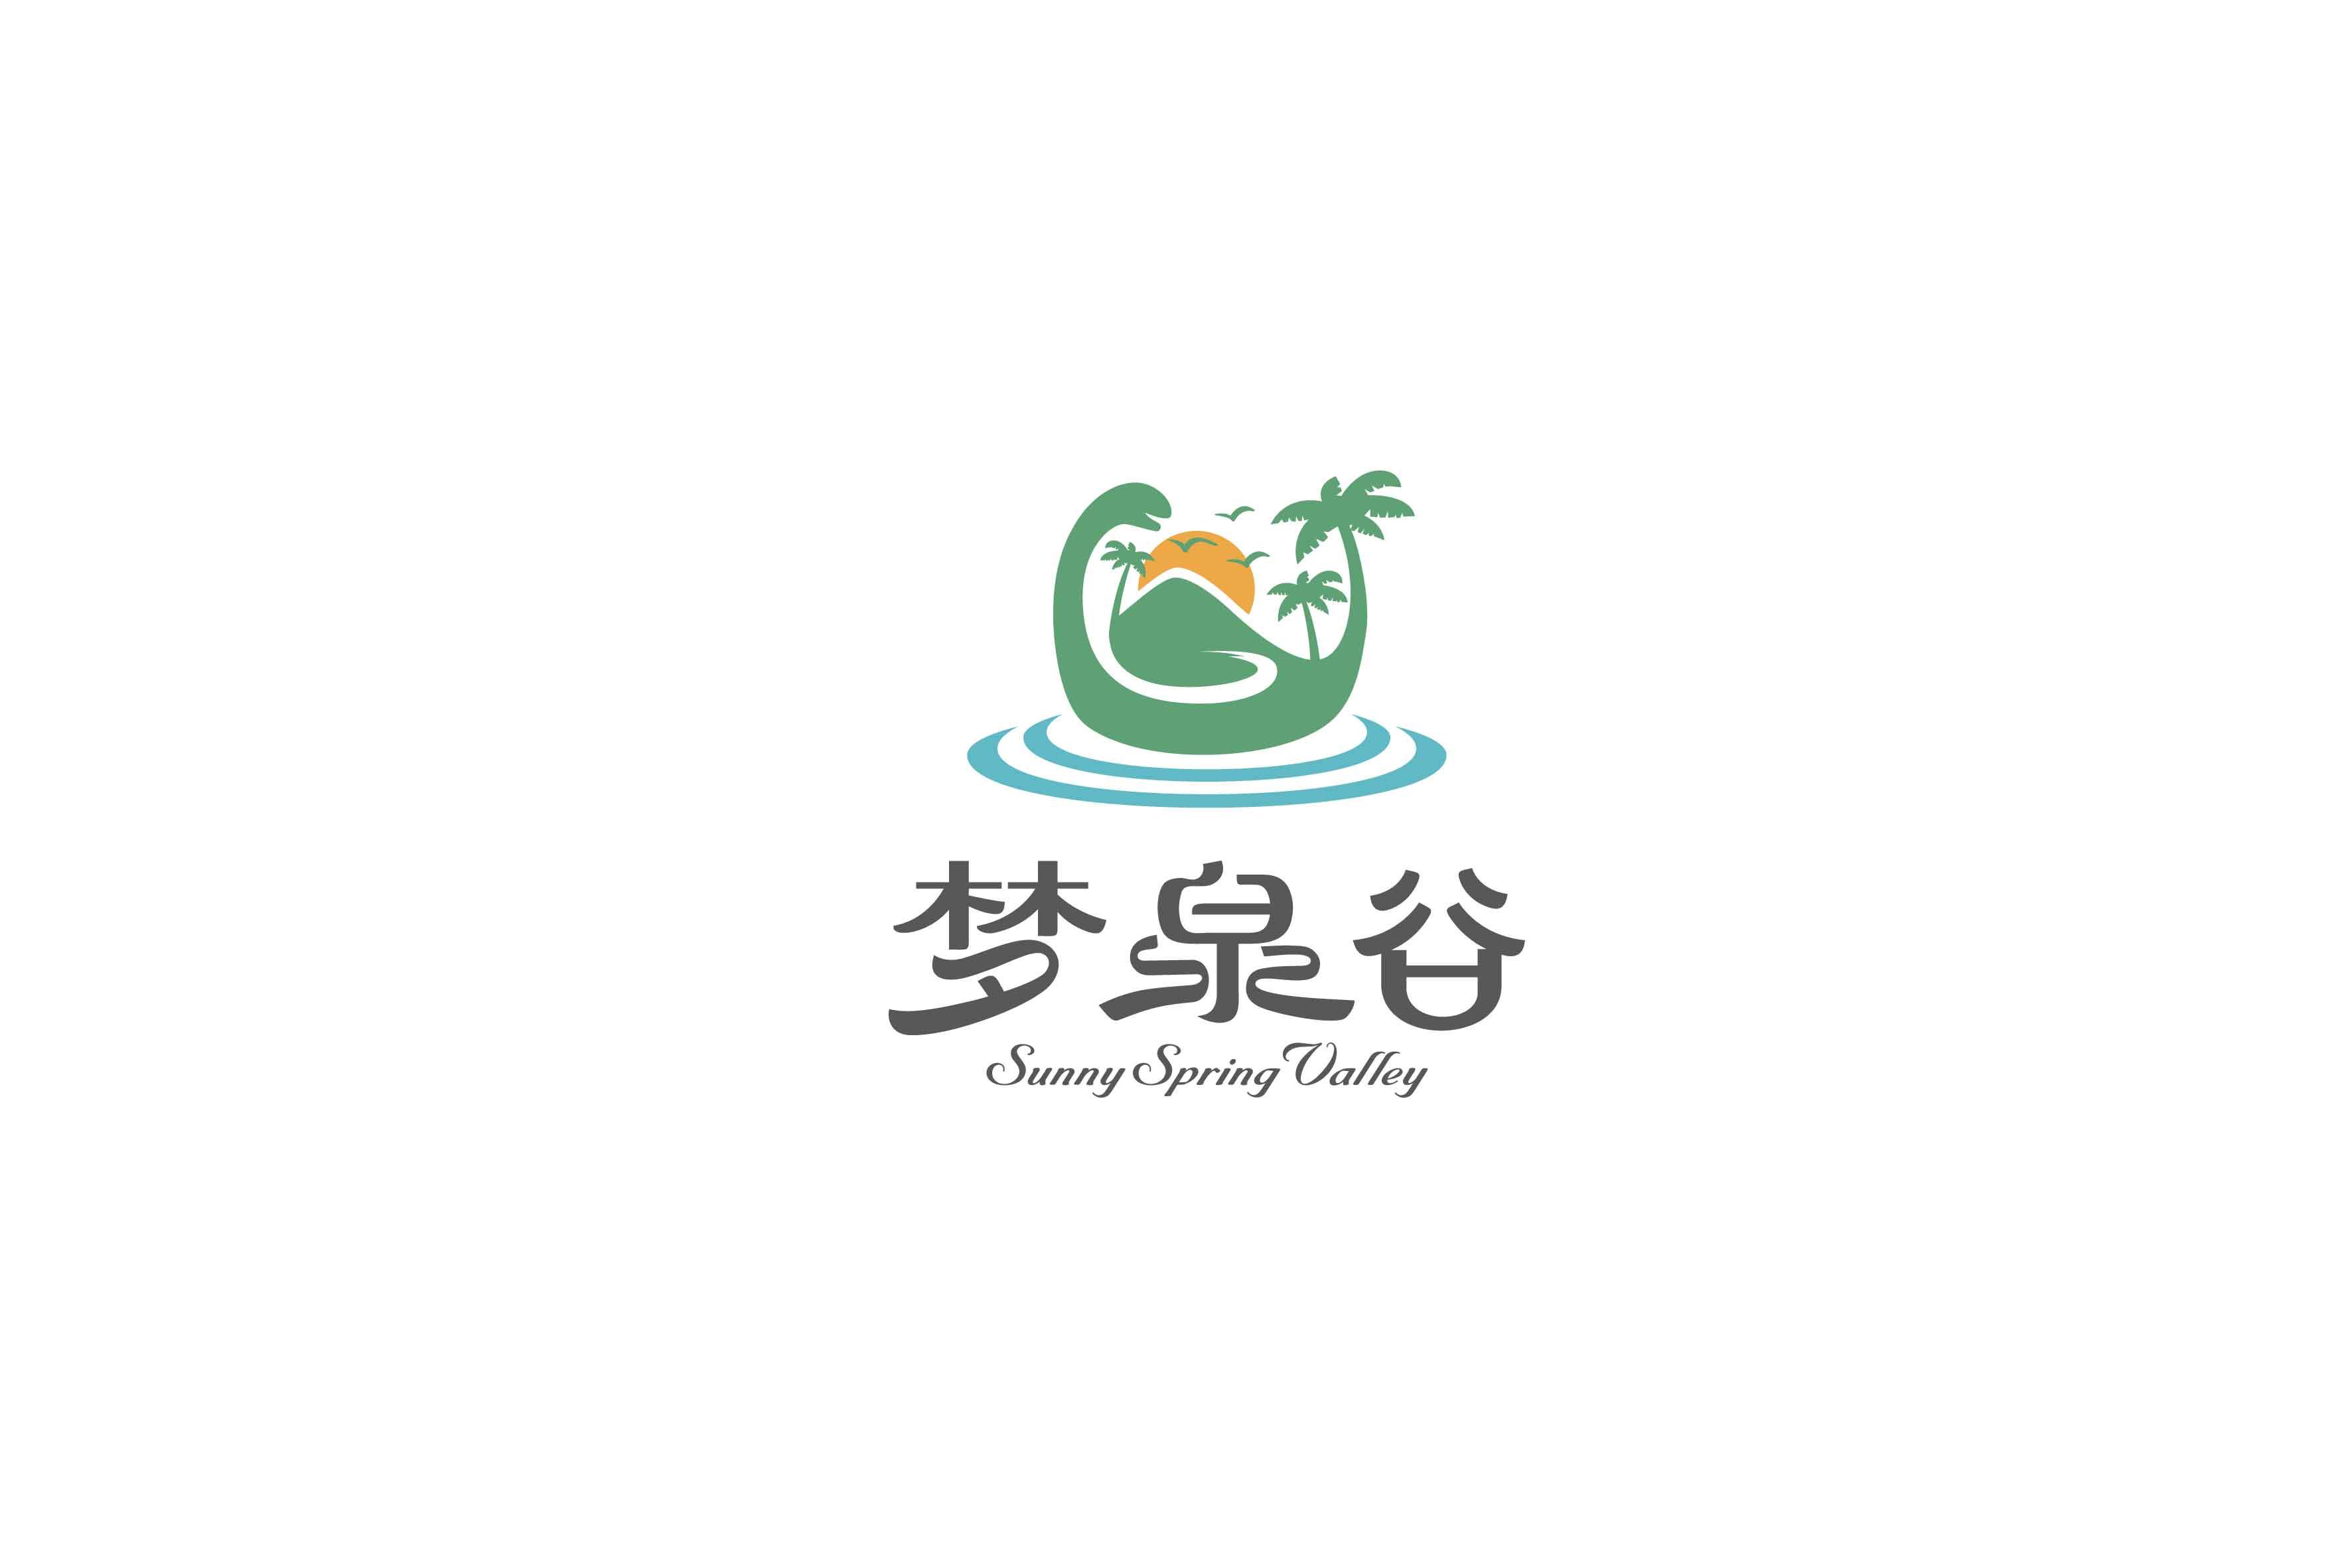 文旅品牌设计,梦泉谷品牌设计,文旅VI形象,文旅视觉设计,文旅设计公司